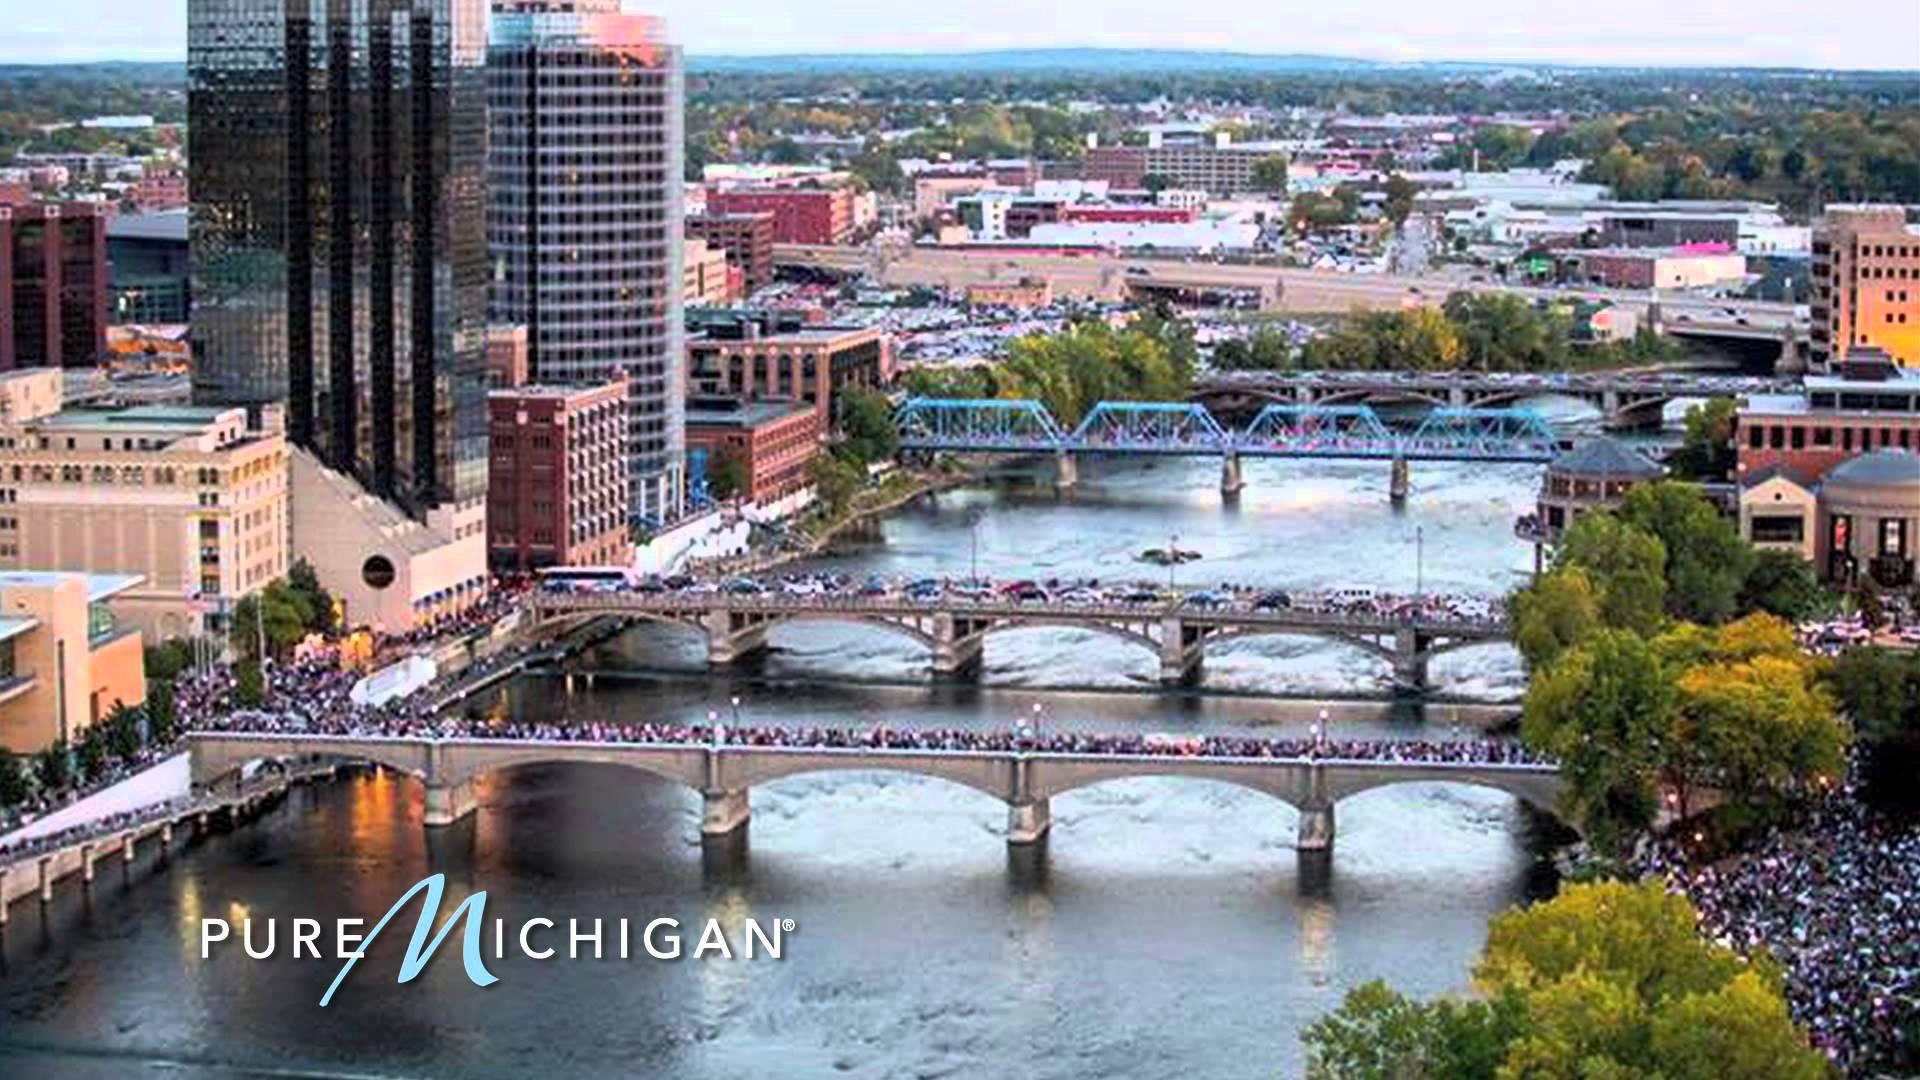 ArtPrize in Grand Rapids Pure Michigan 1920x1080